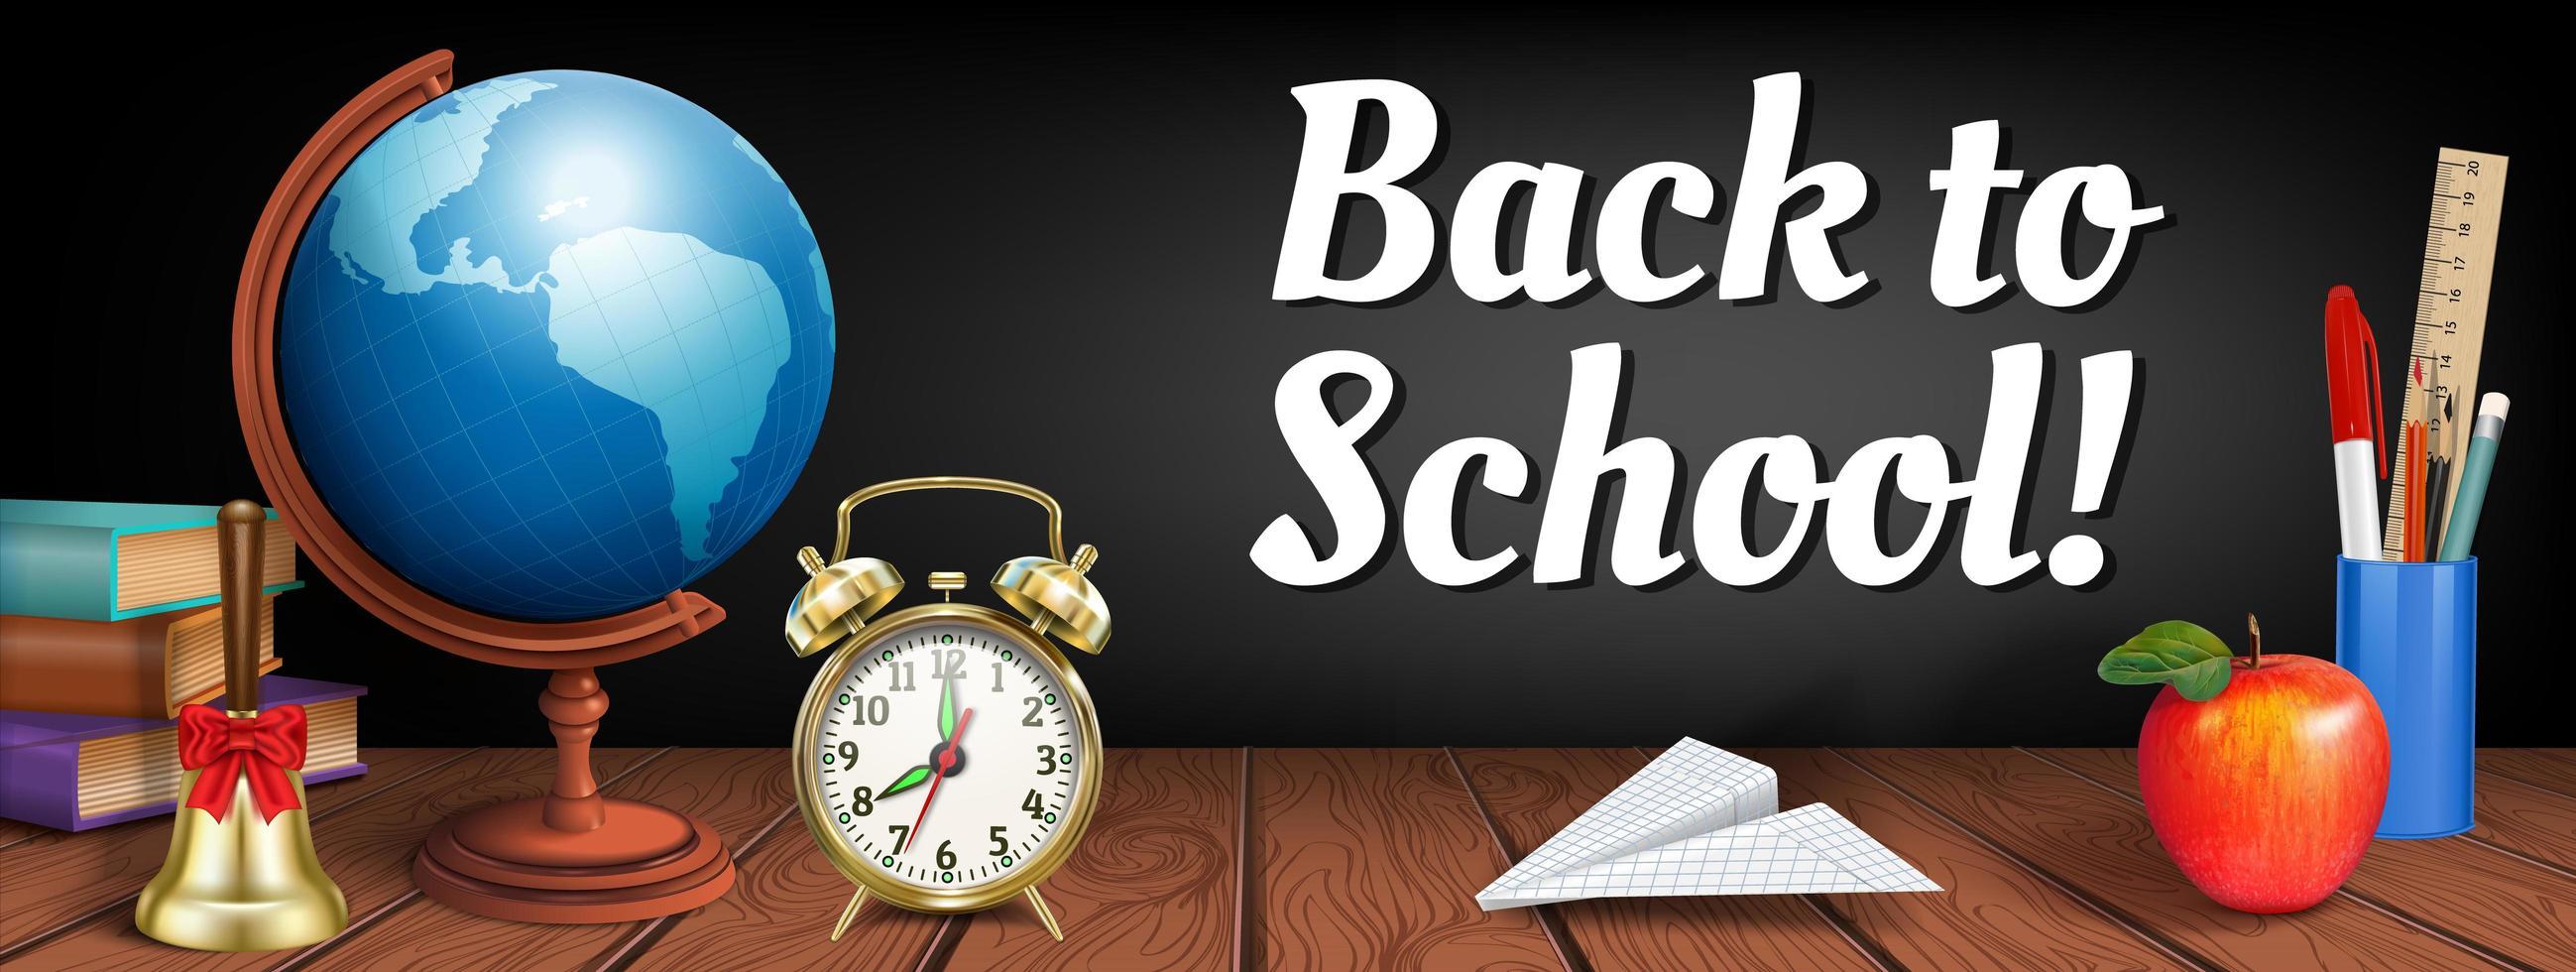 Banner de regreso a la escuela con elementos realistas en madera vector